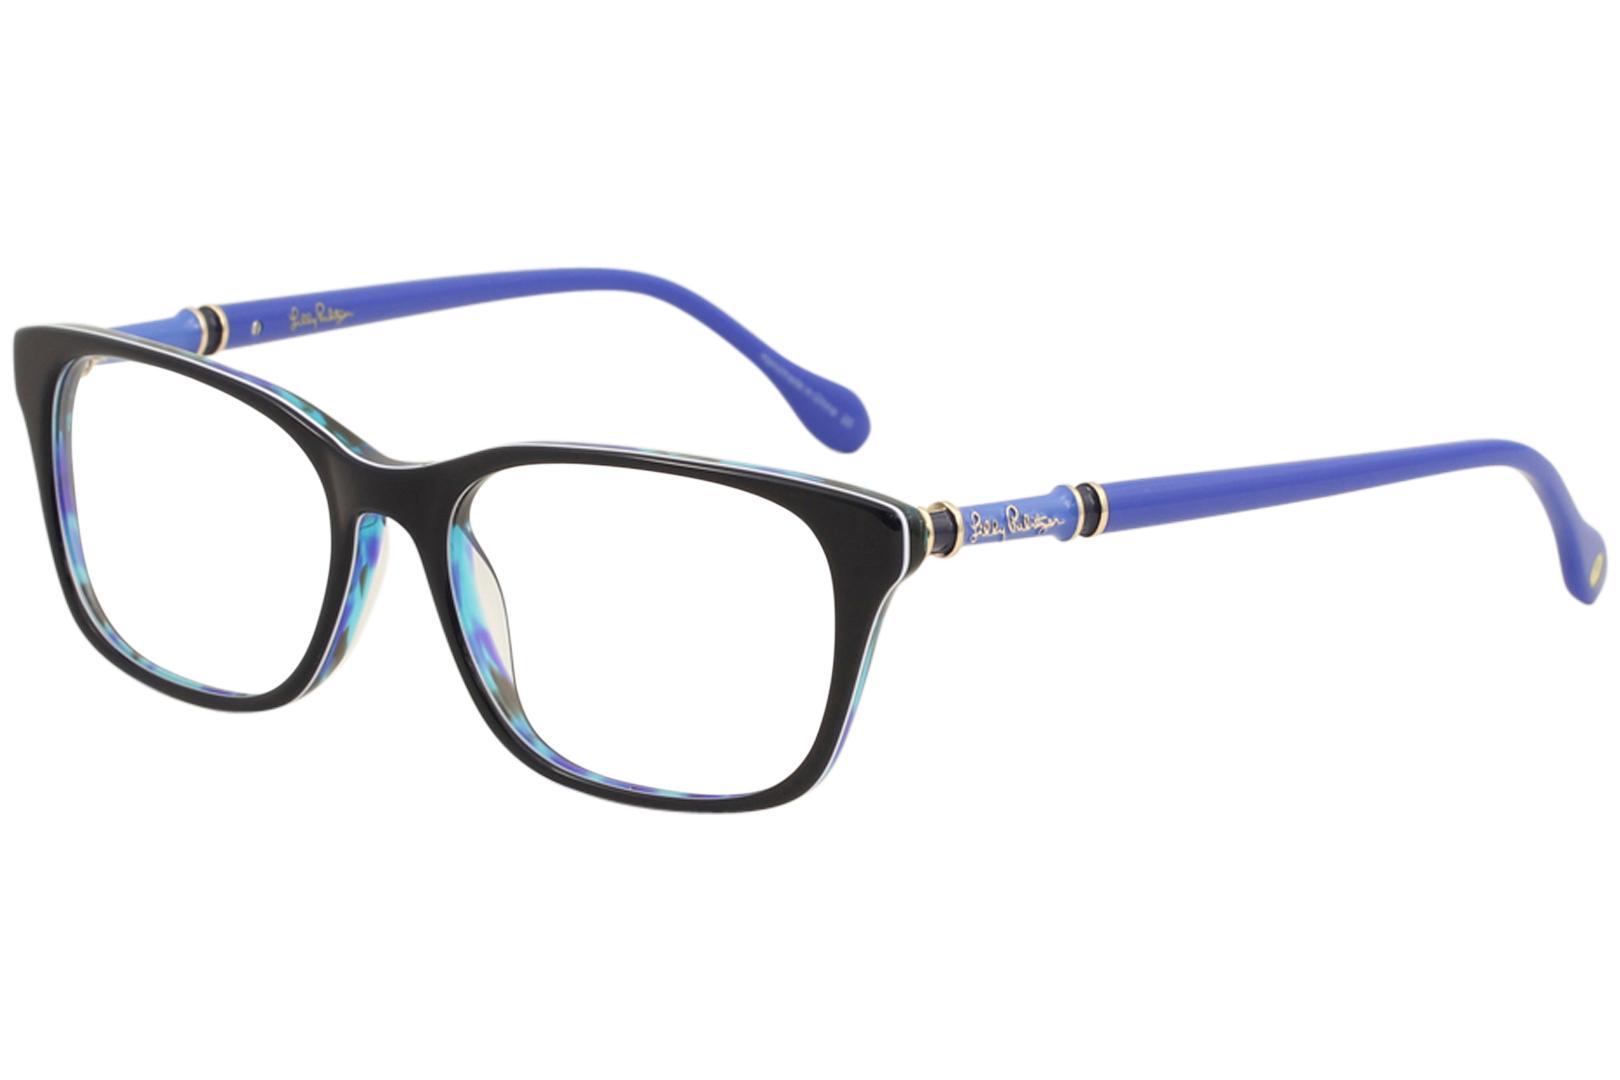 Image of Lilly Pulitzer Women's Eyeglasses Bailey Full Rim Optical Frame - Sky Tortoise   Sk - Lens 52 Bridge 16 Temple 140mm